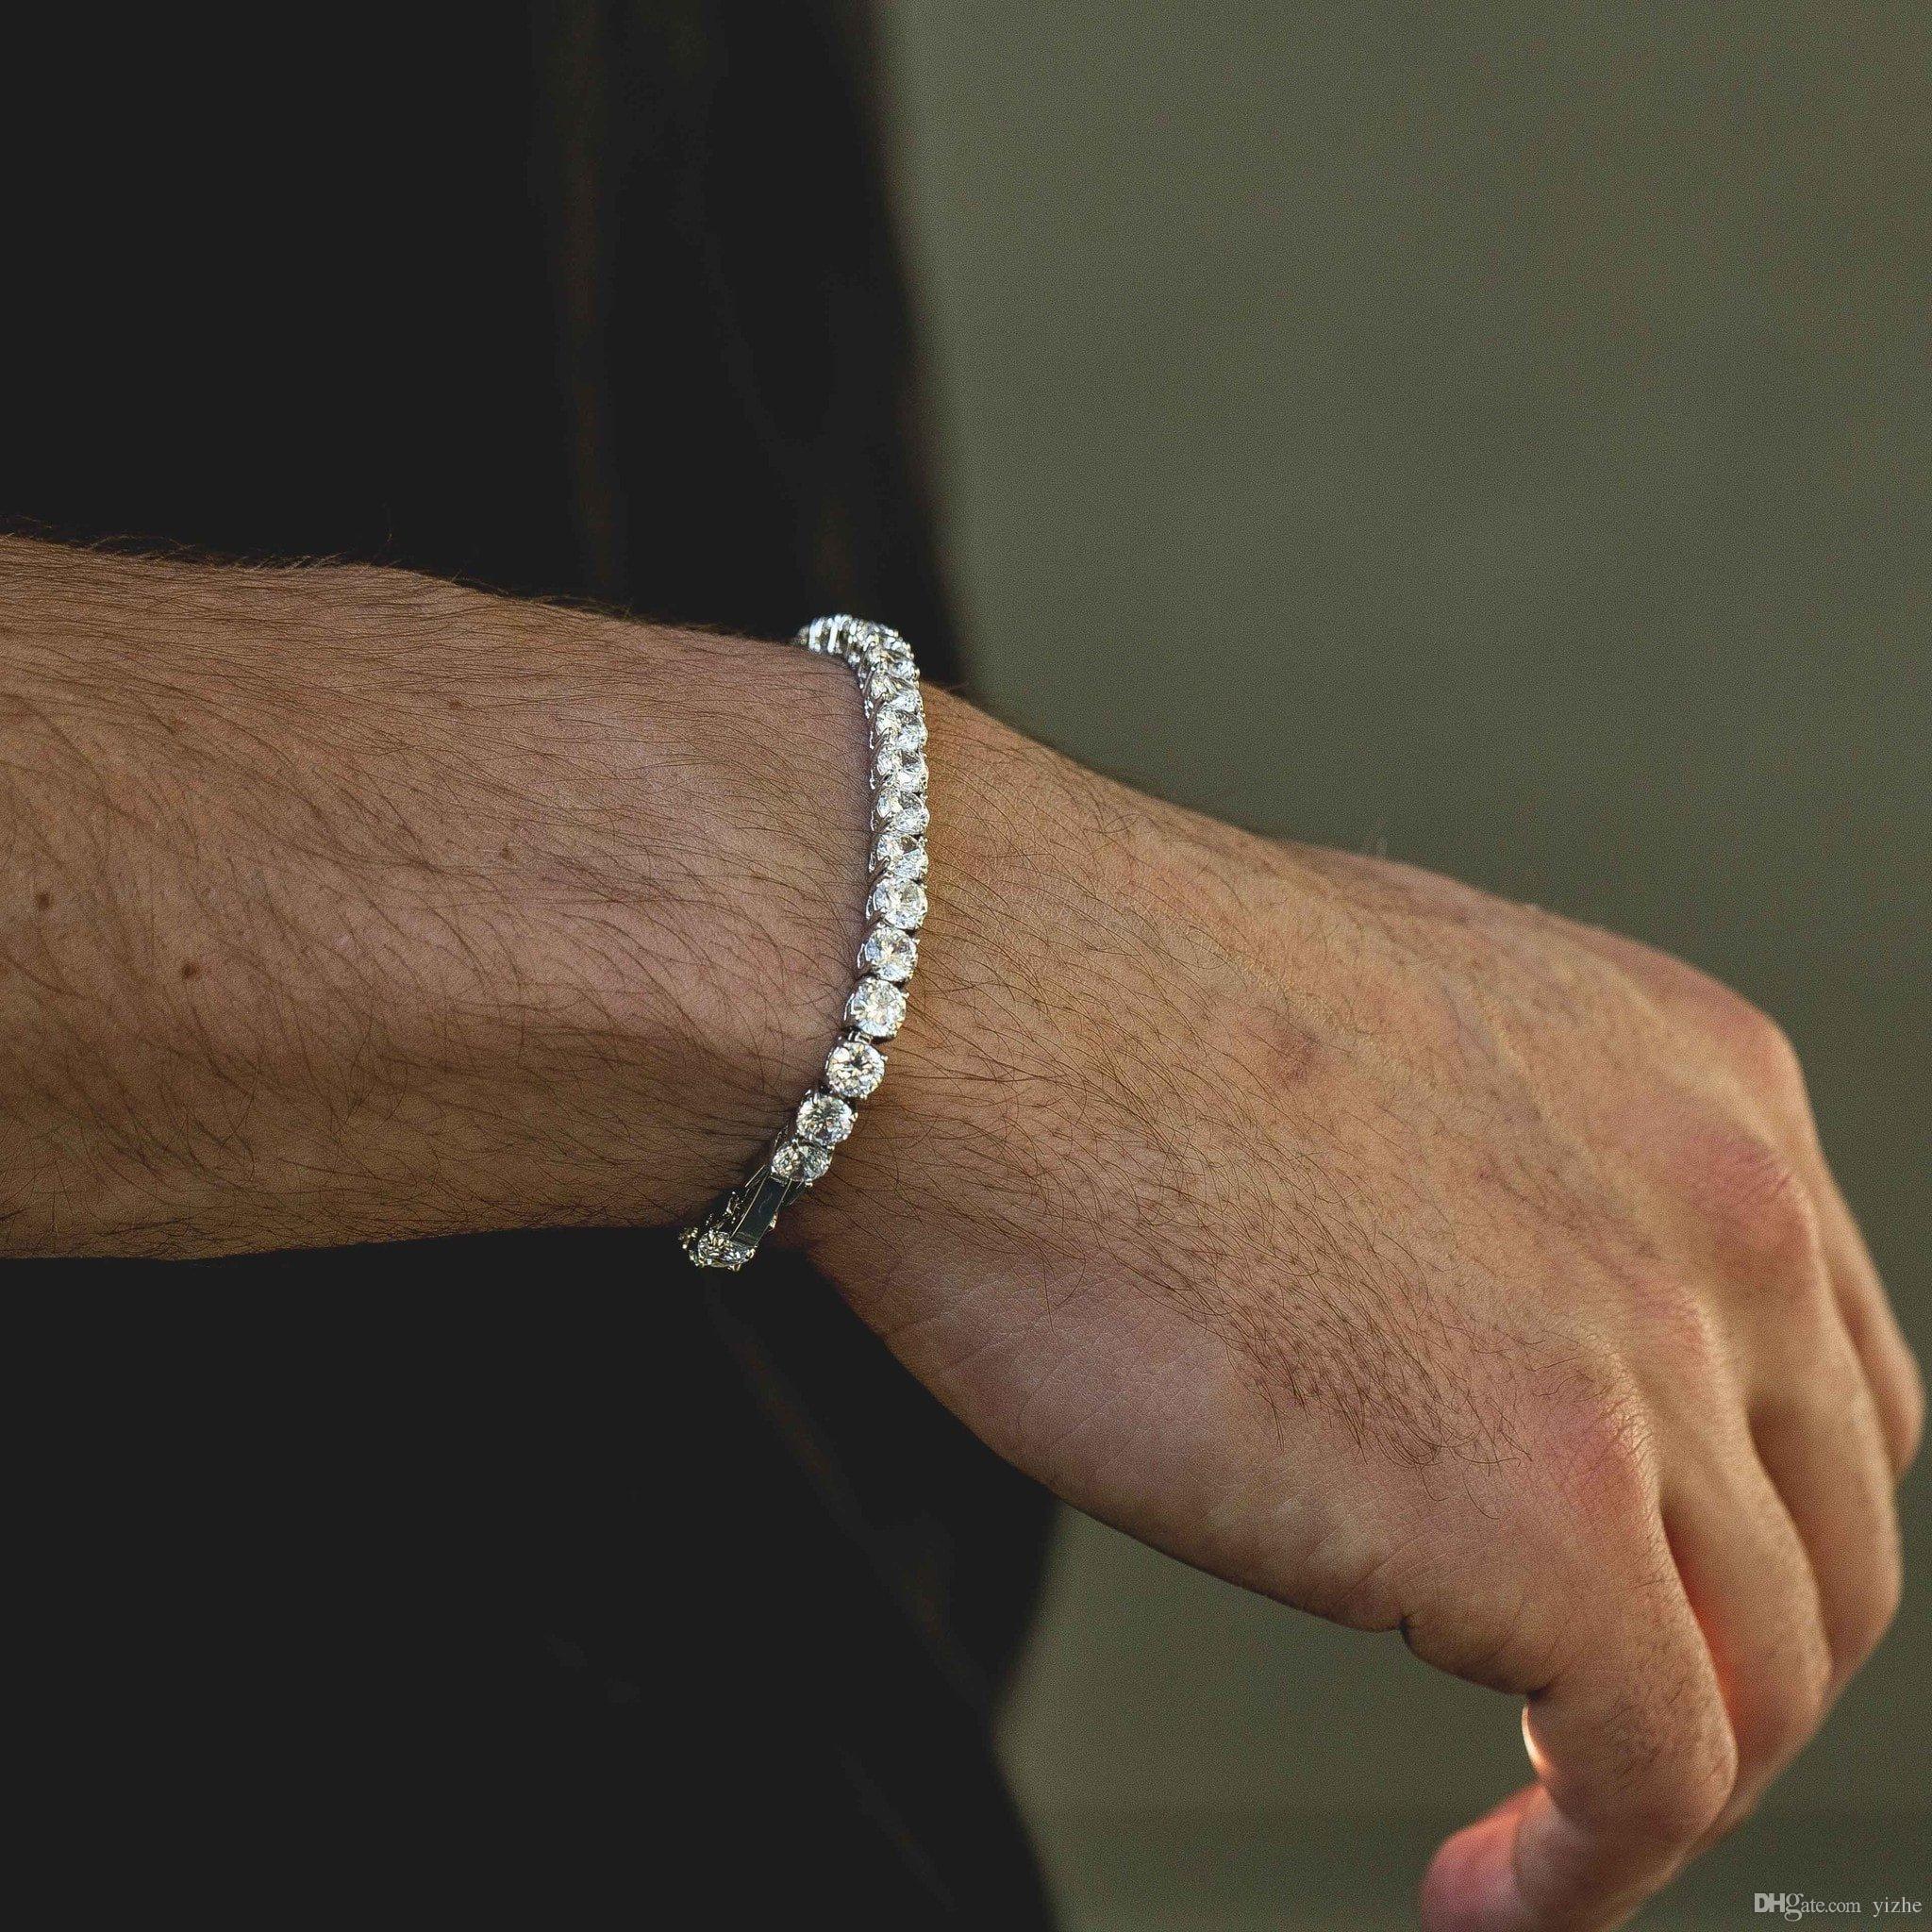 Fashioh cristal pulseira de tênis zircão contas pulseira de homens pulseira cadeias pulseiras para mulheres pulseiras bijoux prata pulseira de tênis de prata